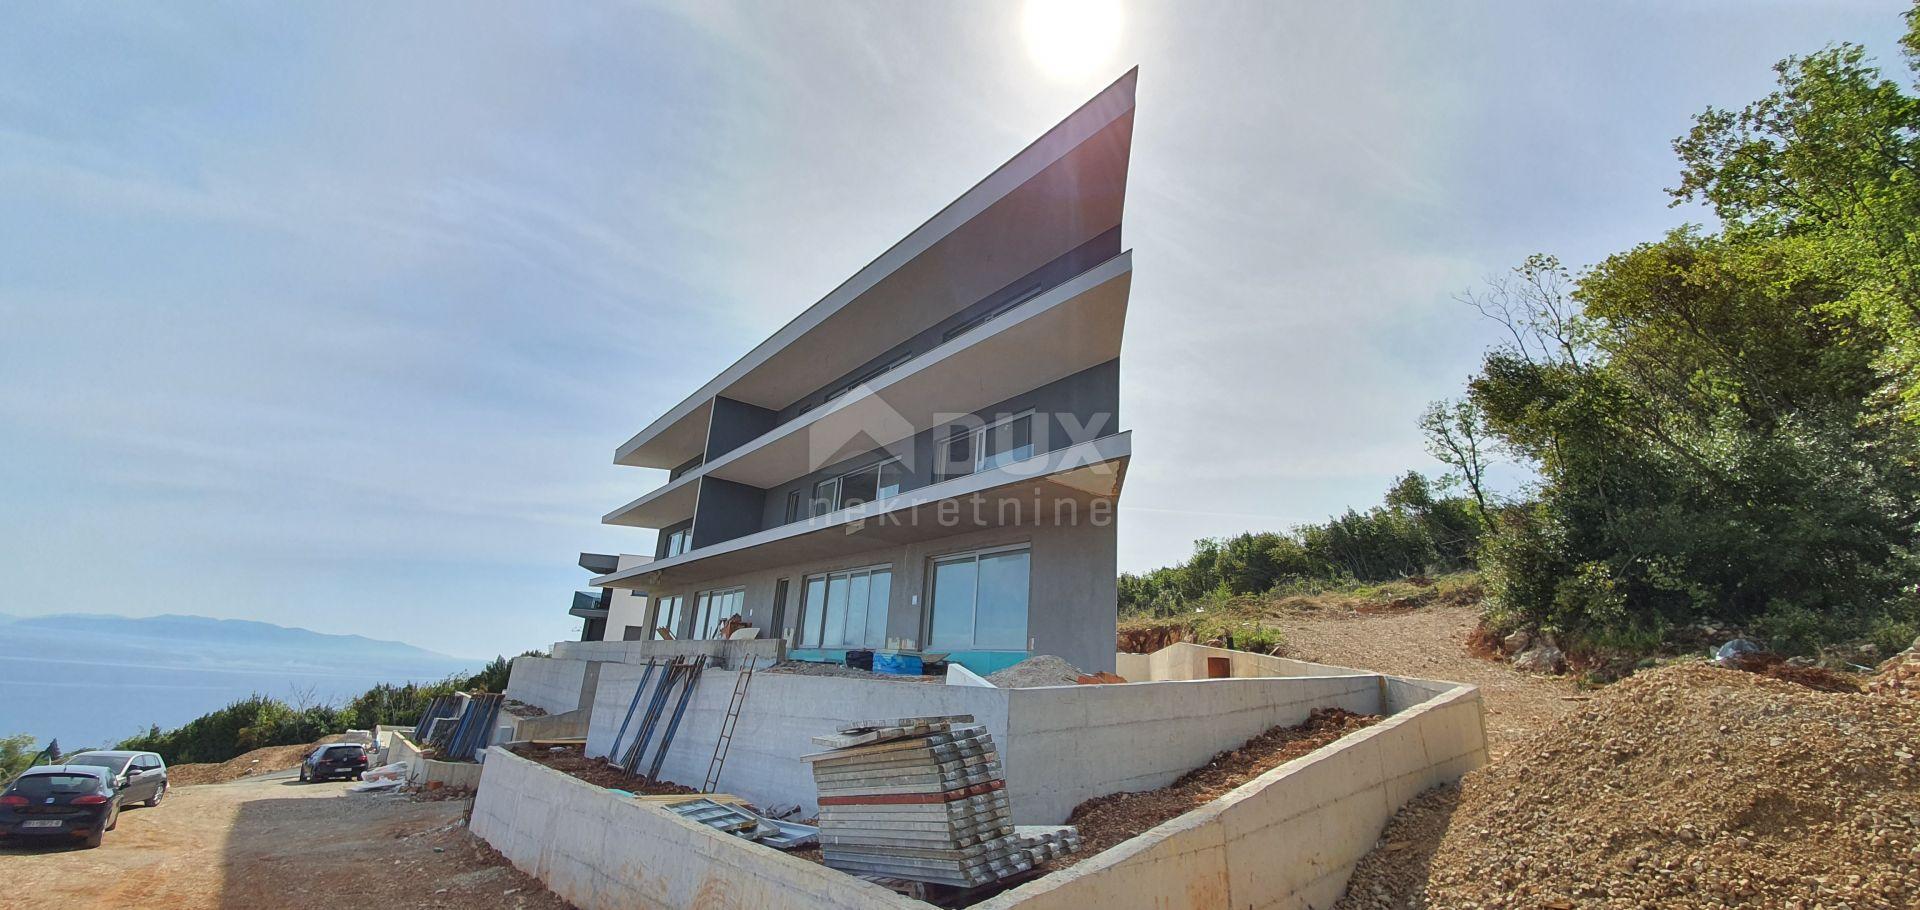 OPATIJA - stan - 3S+DB, 150m², prodaja